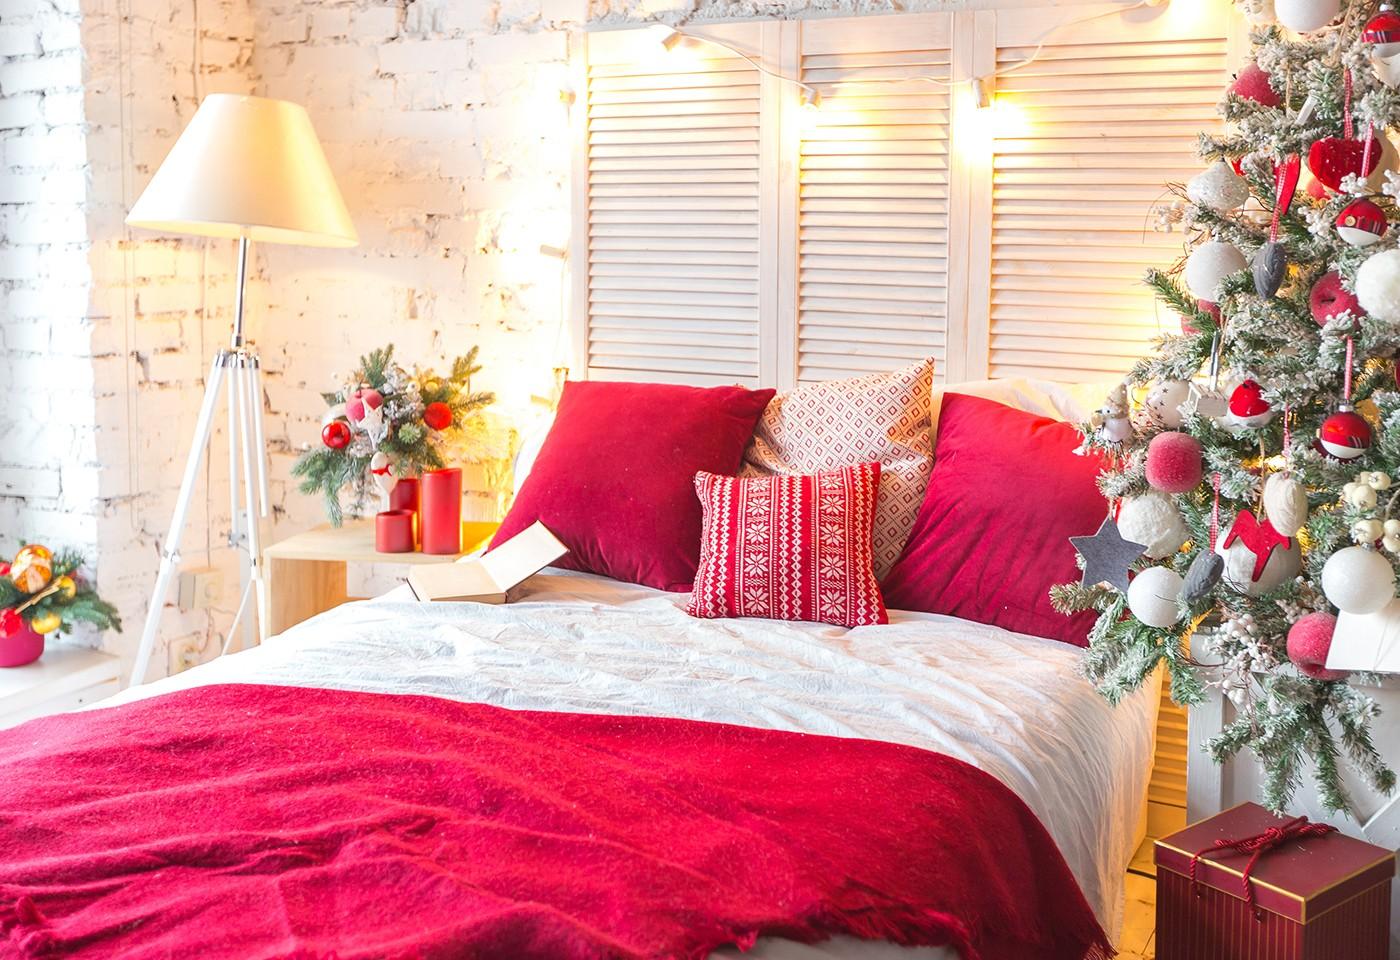 Decorazioni Natalizie Per La Camera il natale in casa: arredi e divano rosso per vivere la magia